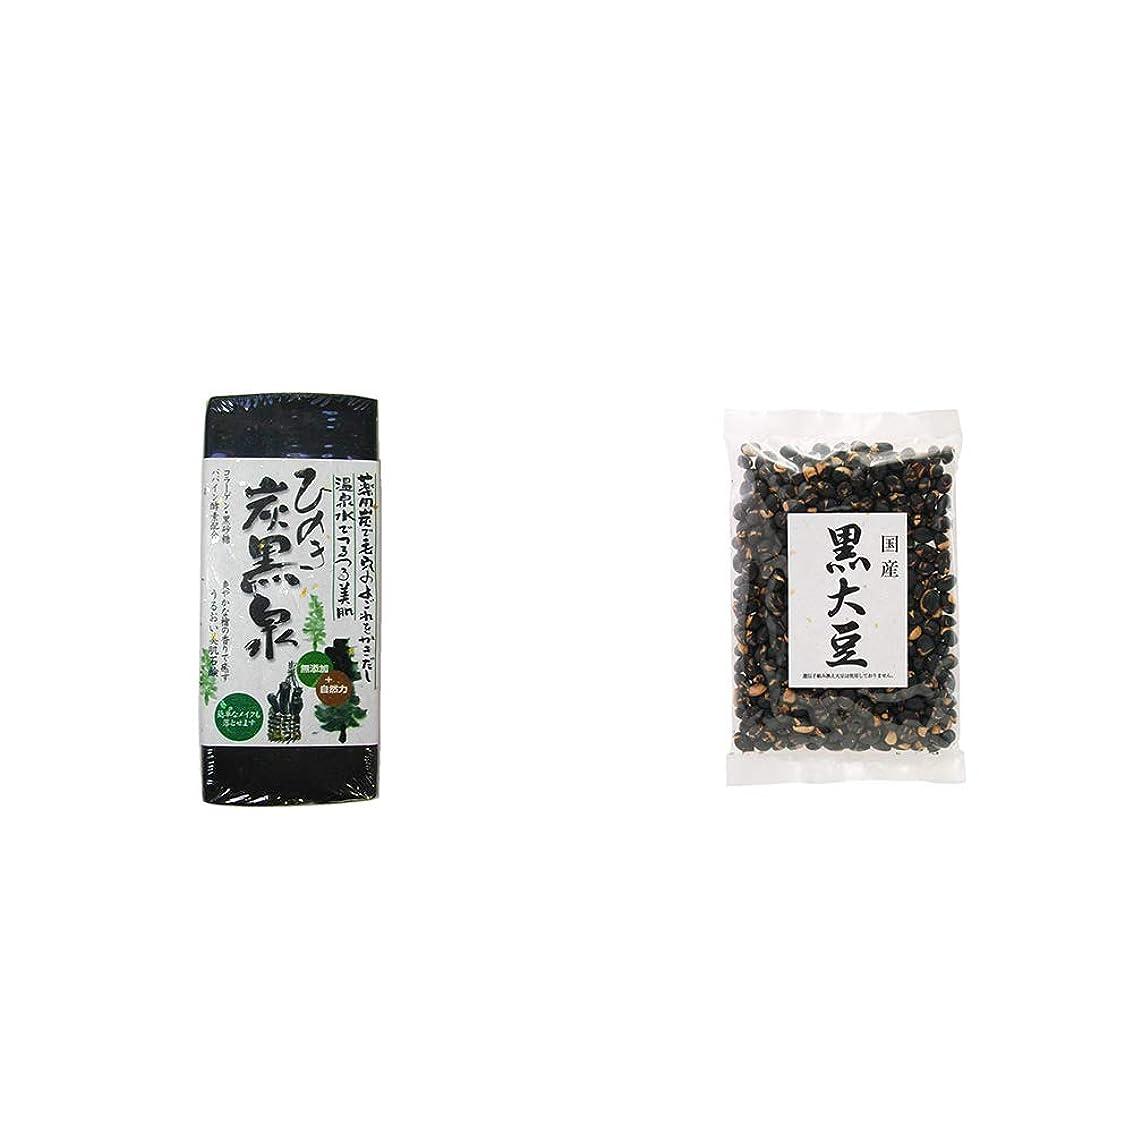 頻繁にメディック欠如[2点セット] ひのき炭黒泉(75g×2)?国産 黒大豆(140g)